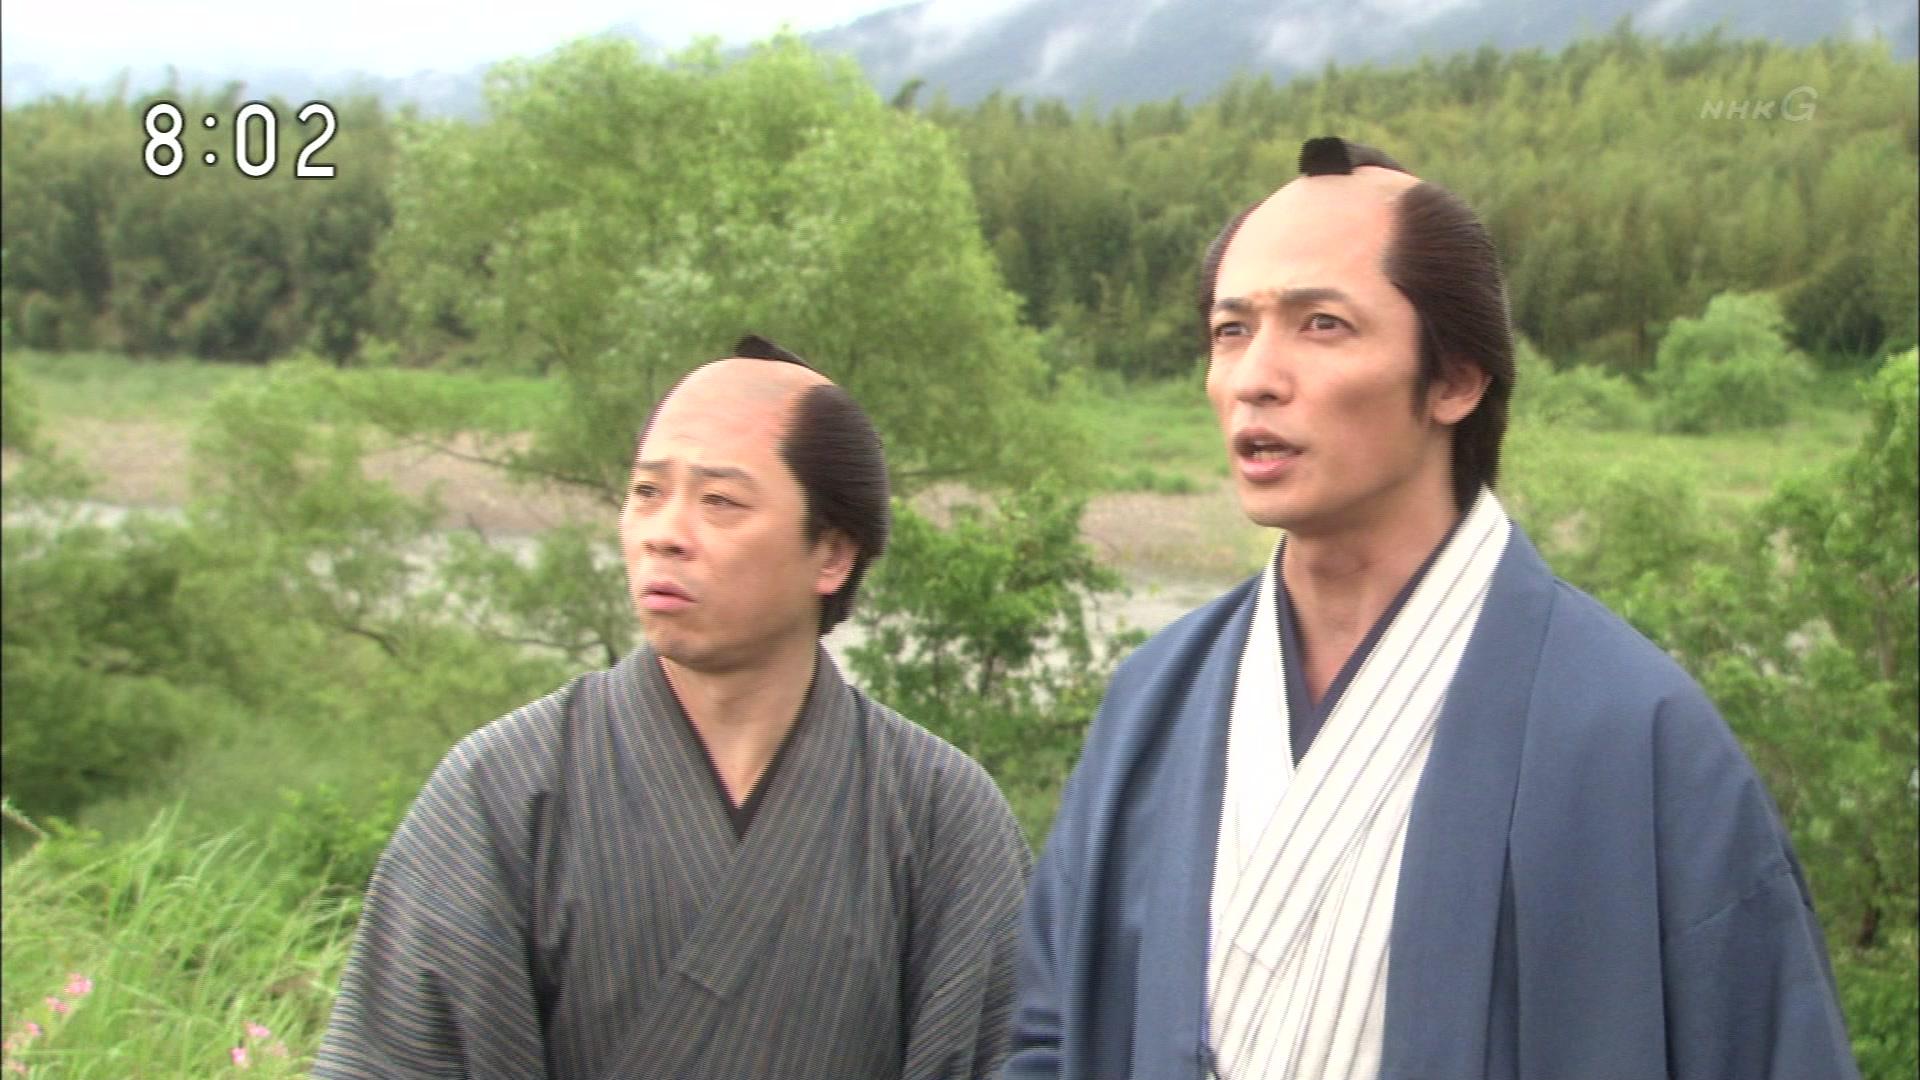 2015-10-12 08:00 連続テレビ小説 あさが来た(13)「新選組参上!」 0415